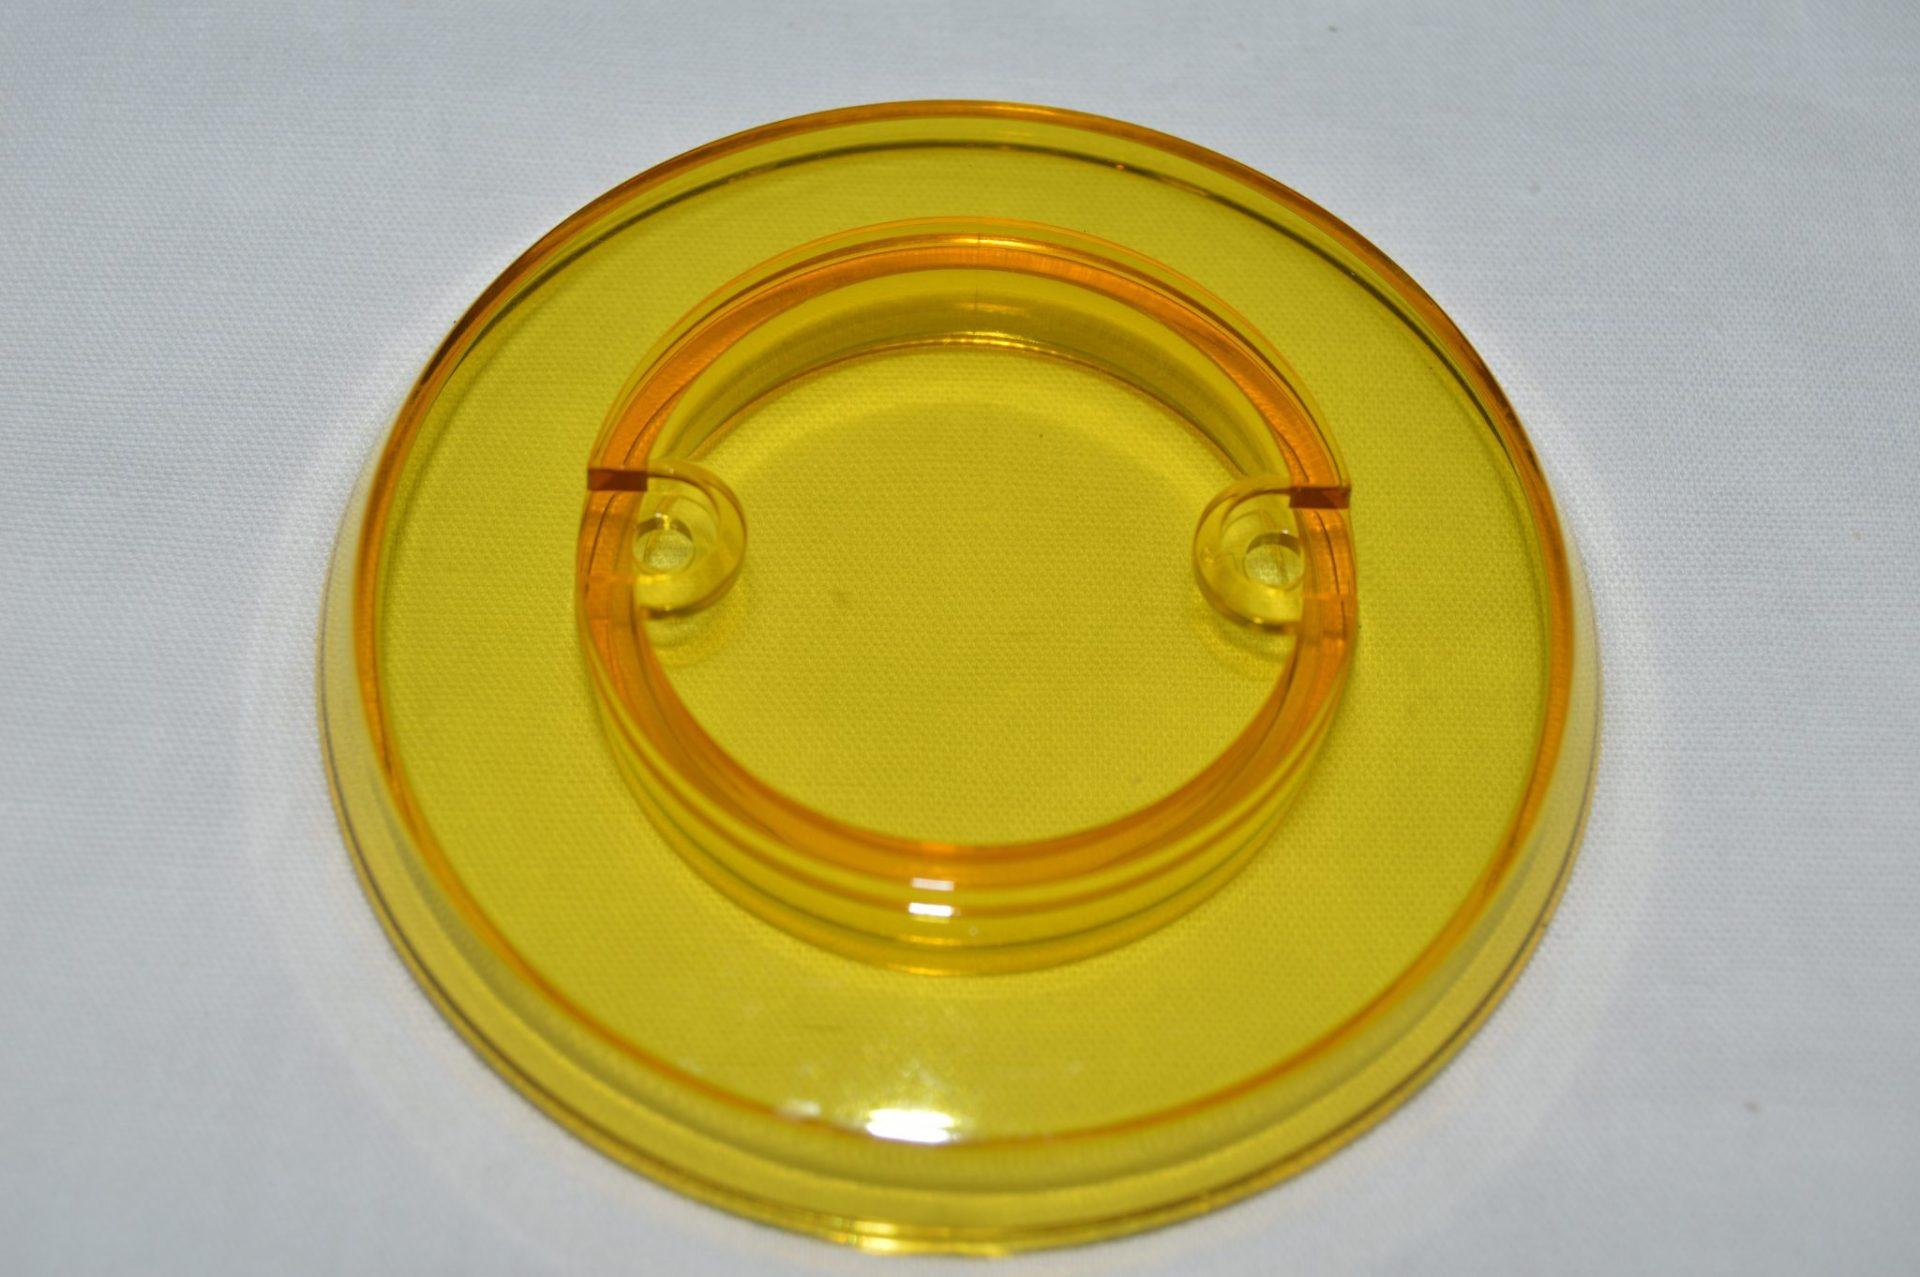 Yellow Transparent Pop Bumper Cap 03-8254-16